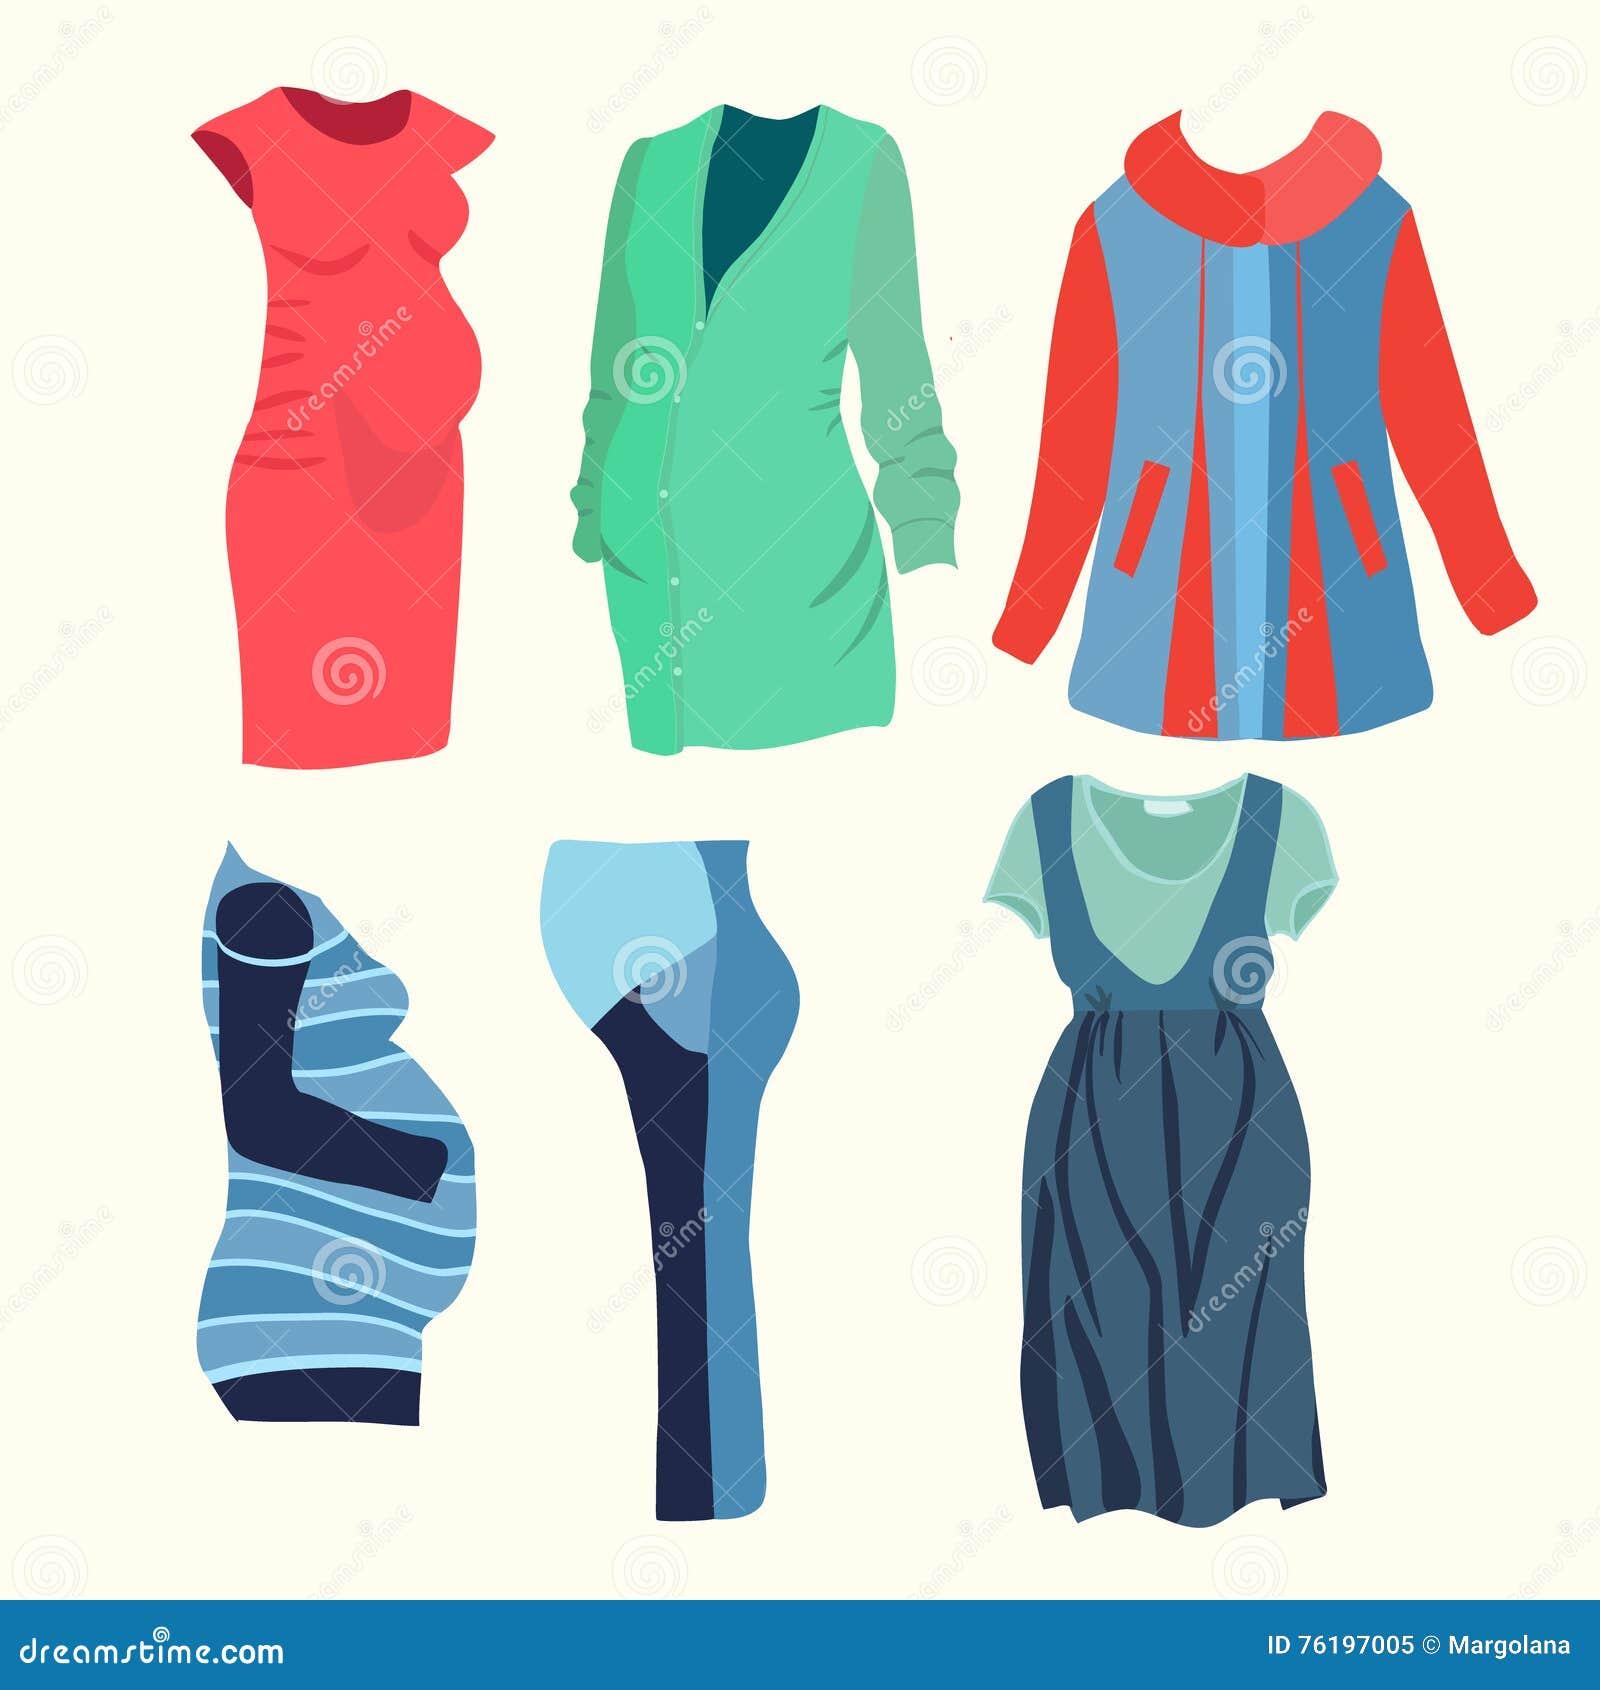 30dddc30a Vector la colección del ejemplo de ropa de moda para la mujer embarazada  elegante Boutique de la moda para la mirada de la moda de la mujer  embarazada